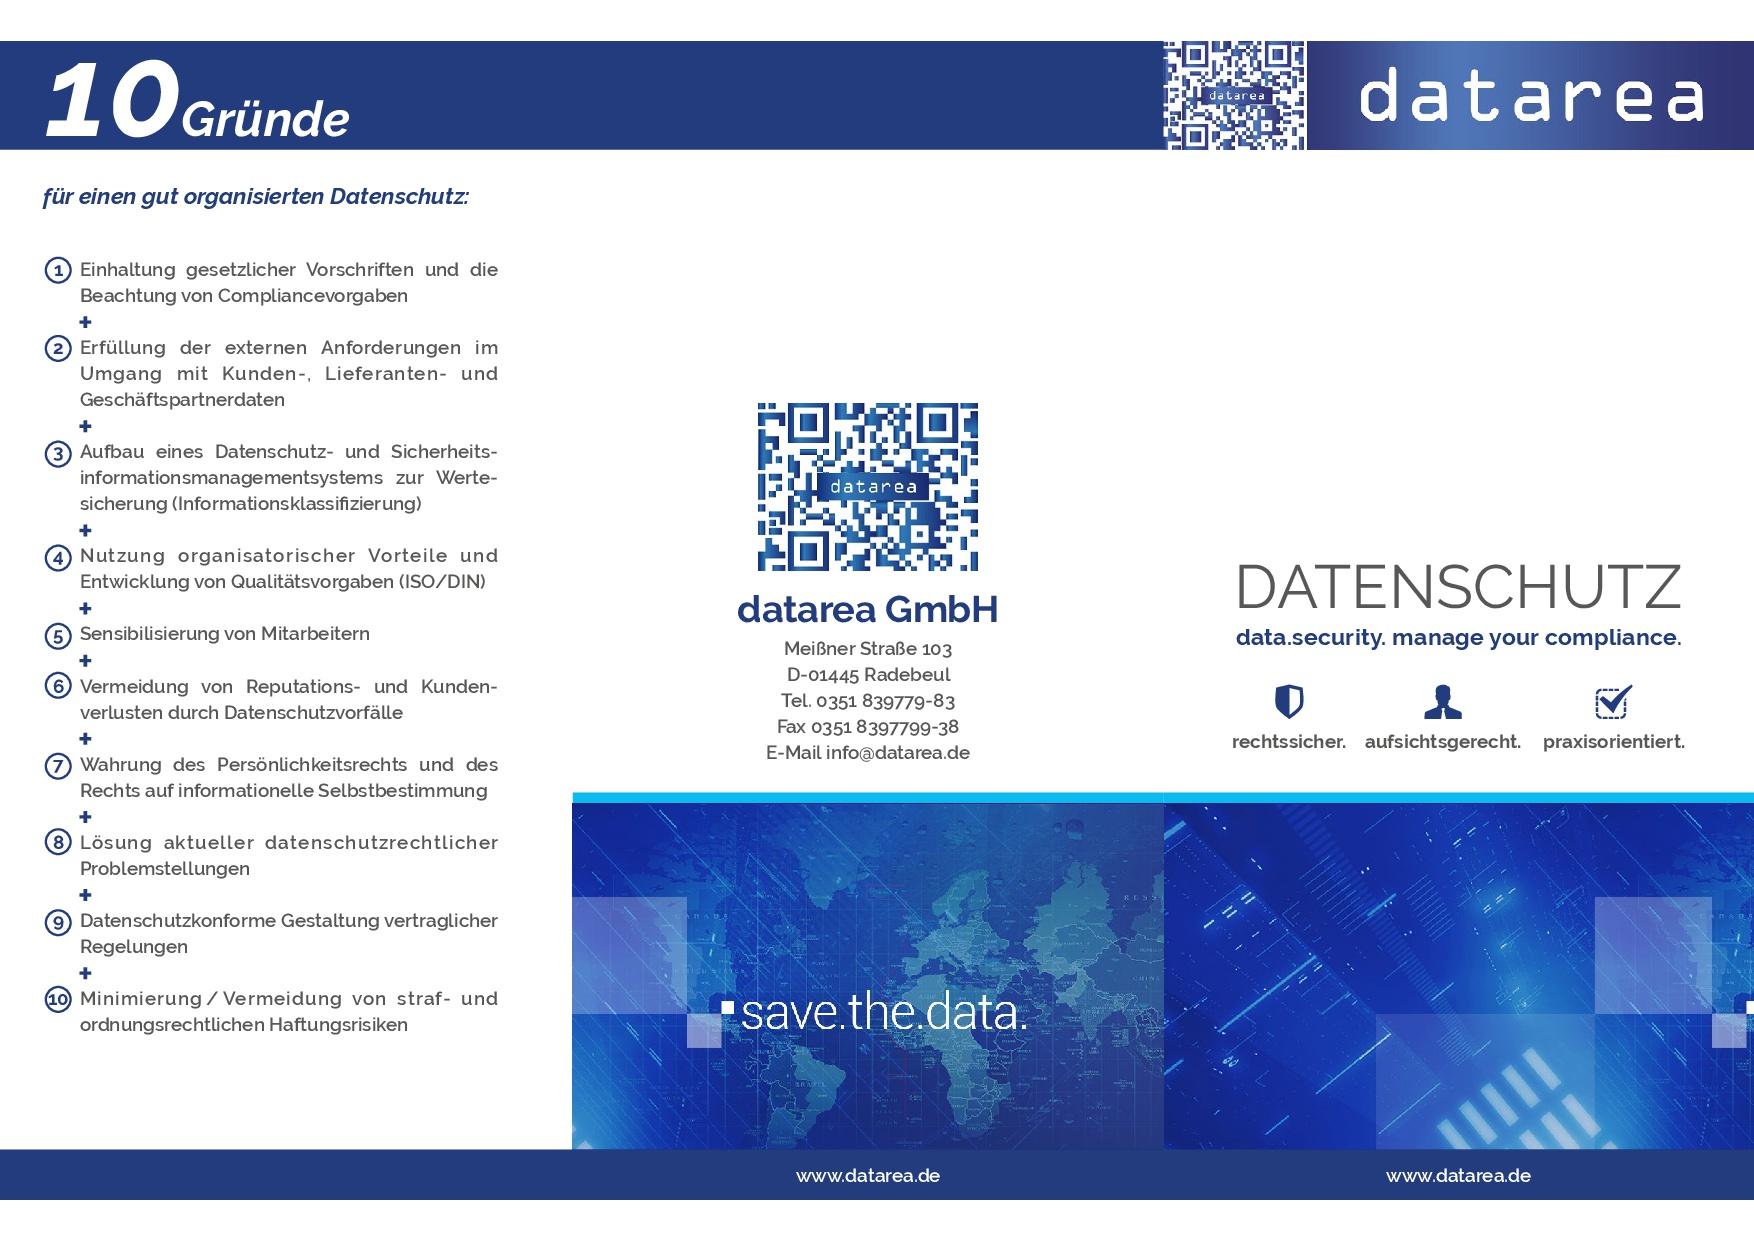 datarea_Flyer_Dinlang_Unternehmen_2017 02 26-05_web (2)-001